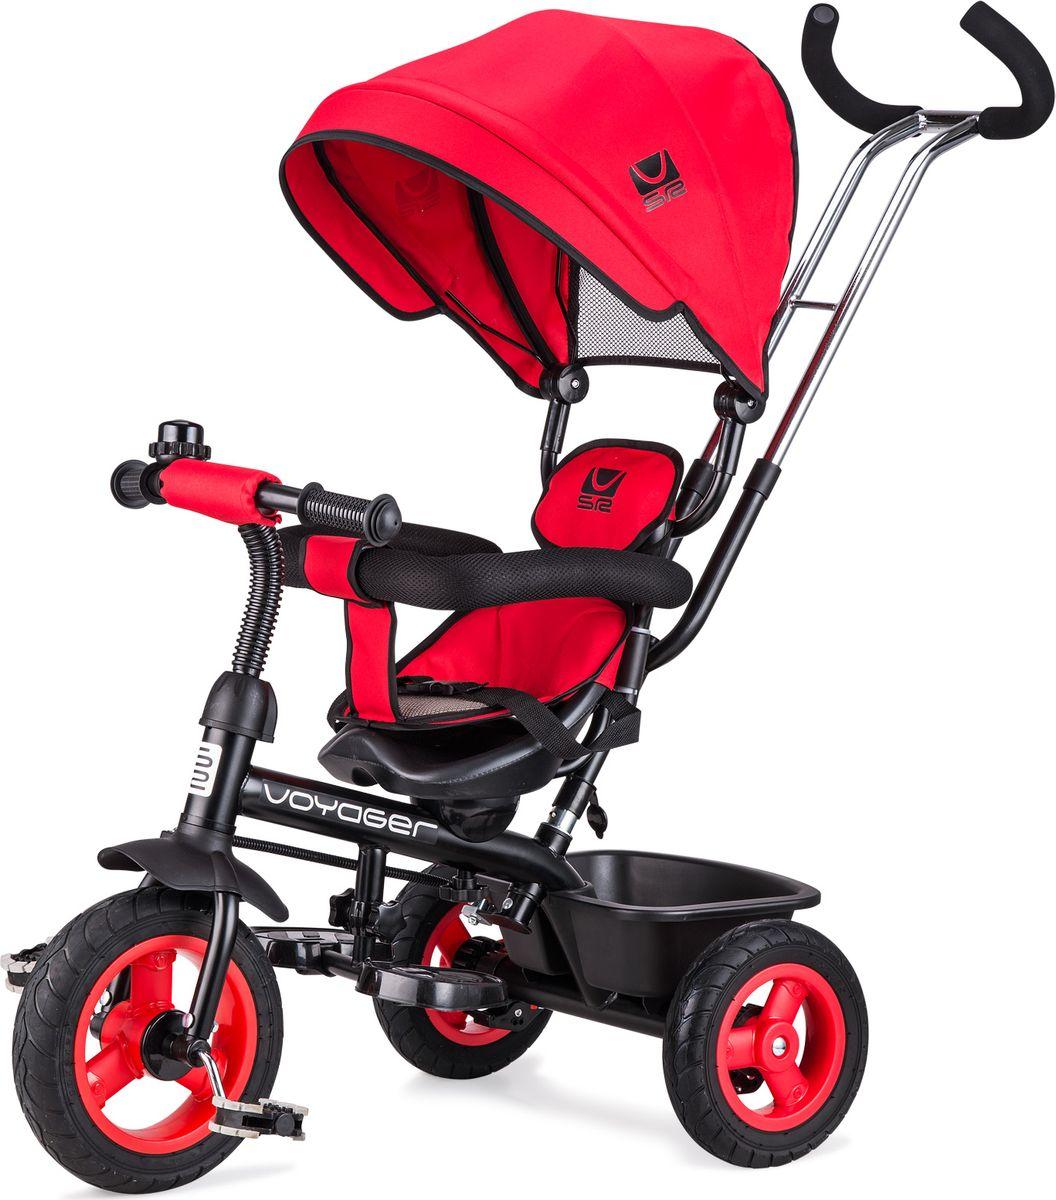 Small Rider Велосипед трехколесный Voyager цвет красный